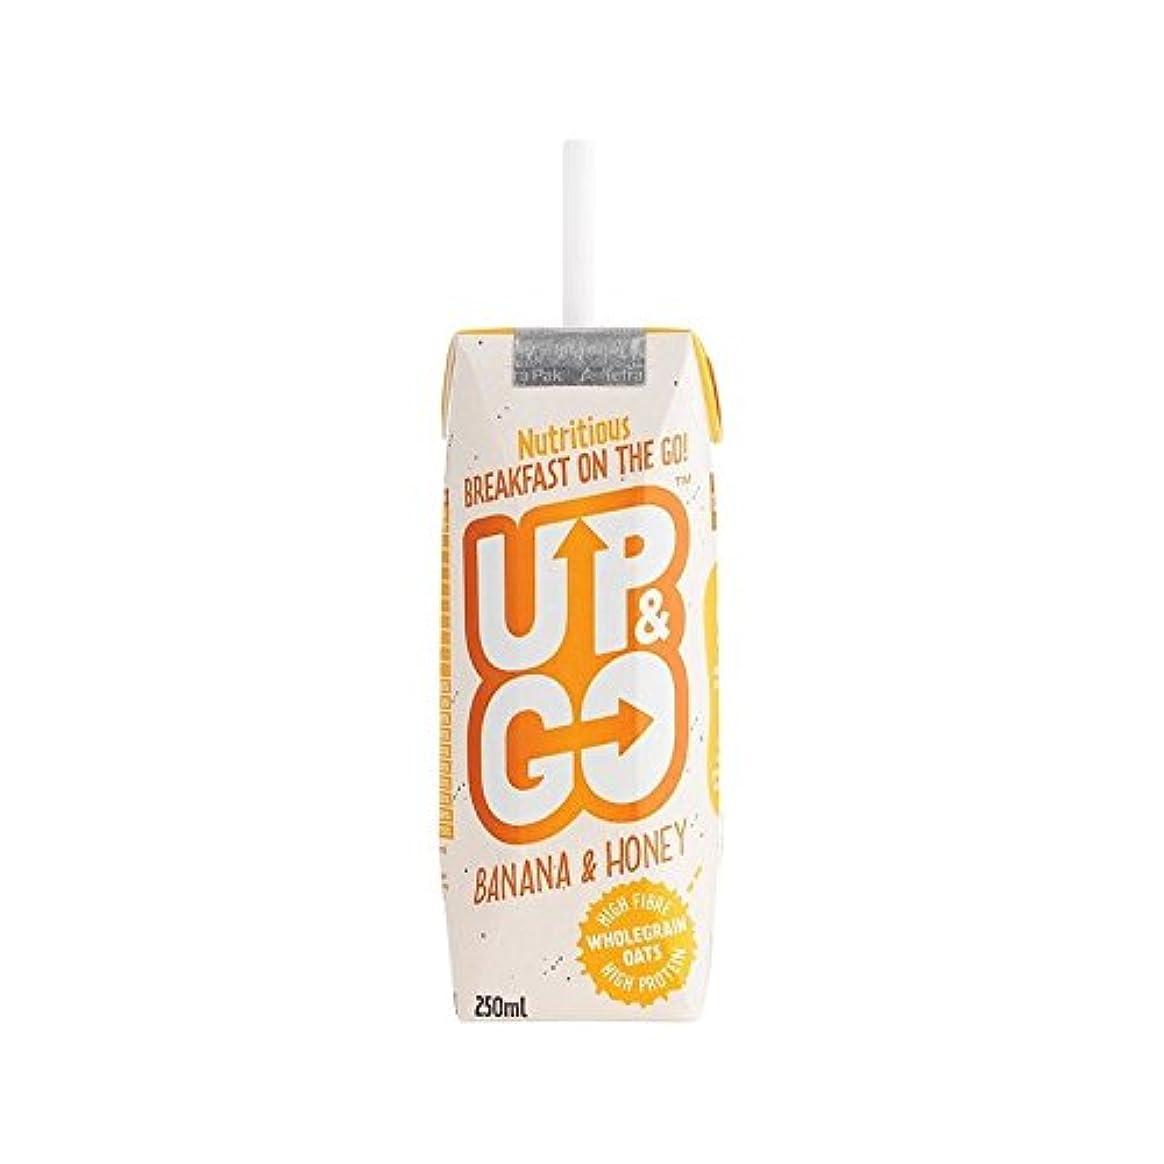 シェルタートリクルメタンオート麦の250ミリリットルとバナナ&ハニー朝食ドリンク (Up&Go) - Up&Go Banana & Honey Breakfast Drink with Oats 250ml [並行輸入品]